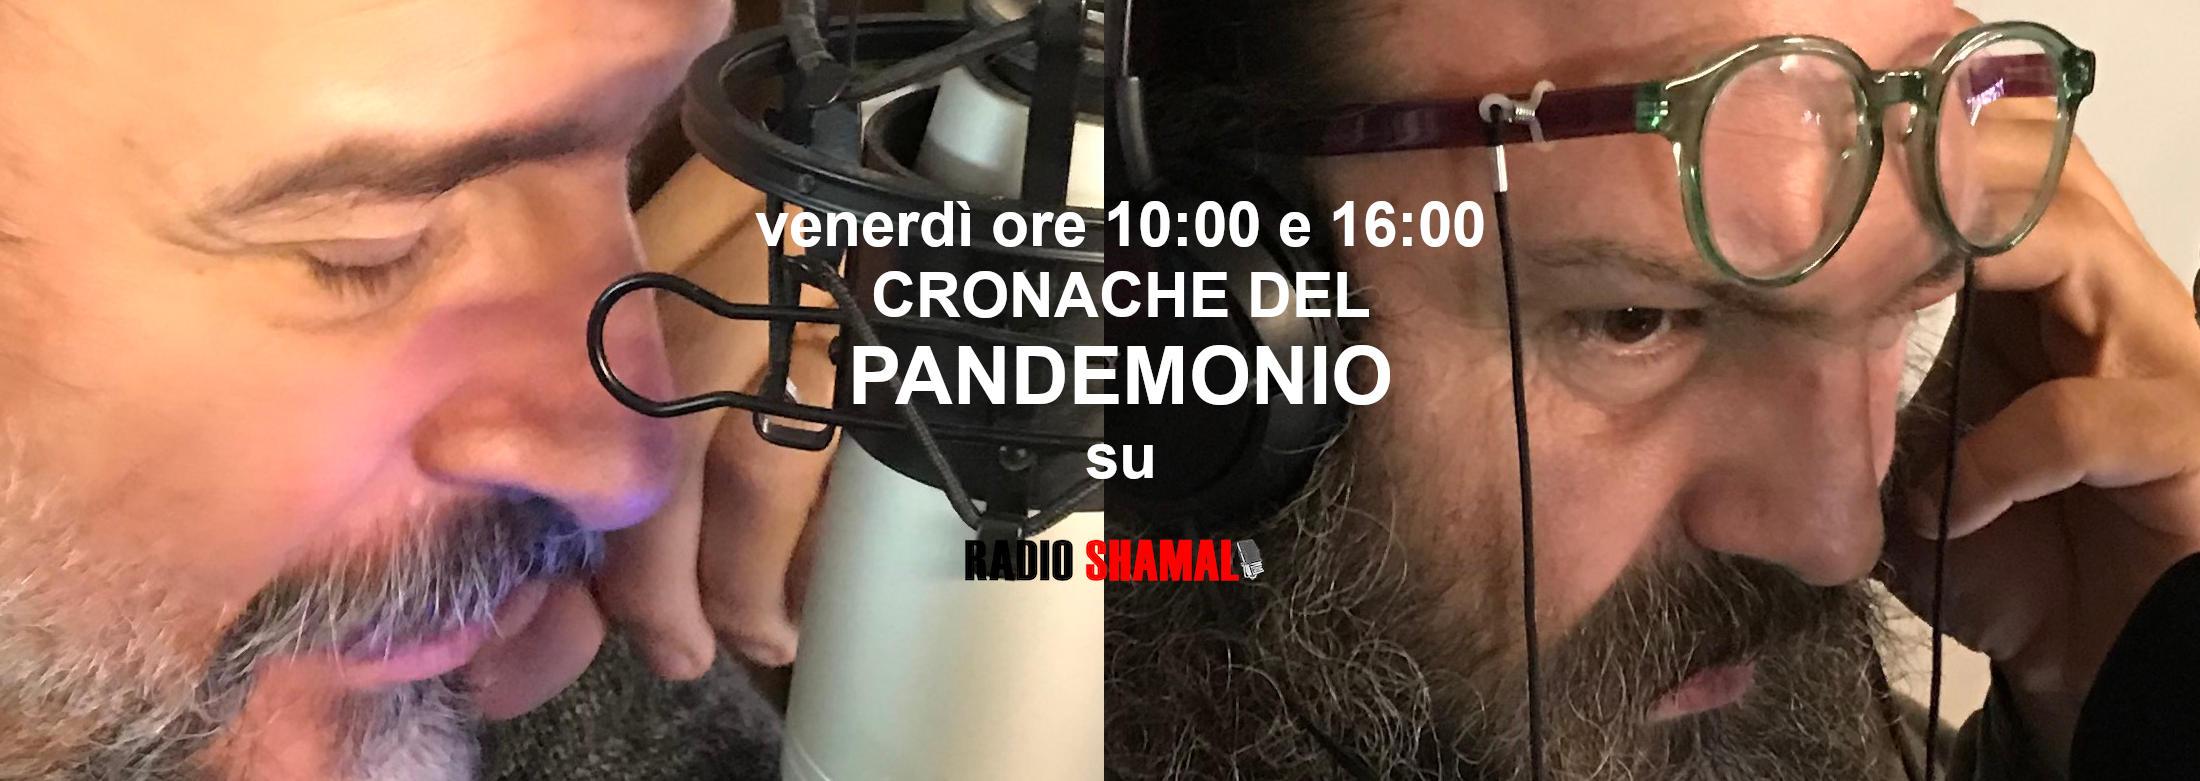 Pandemonio 2020-06-27